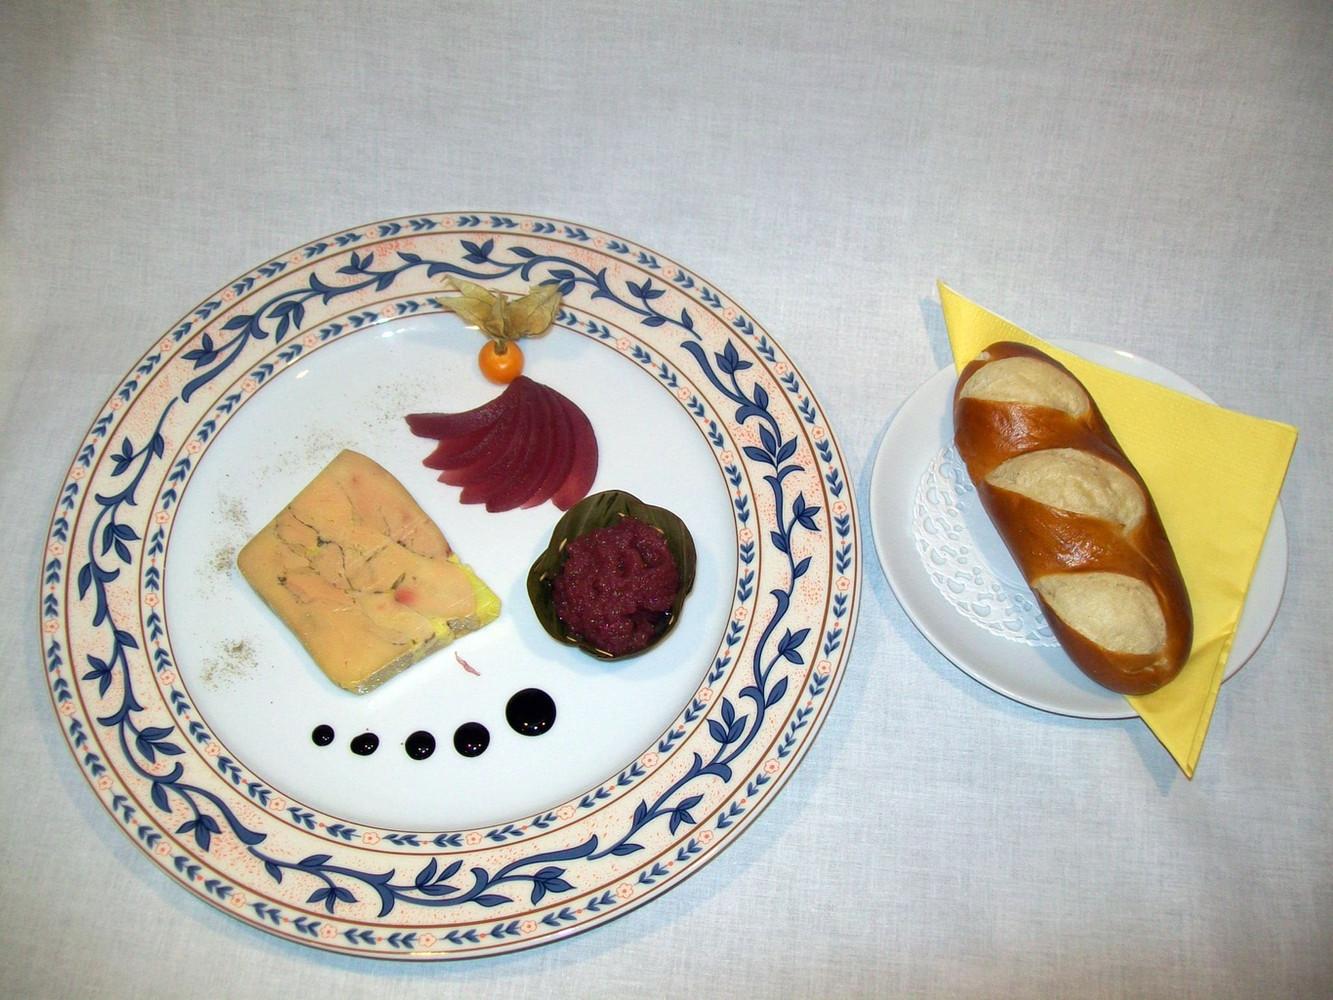 images d'assiettes 007.jpg